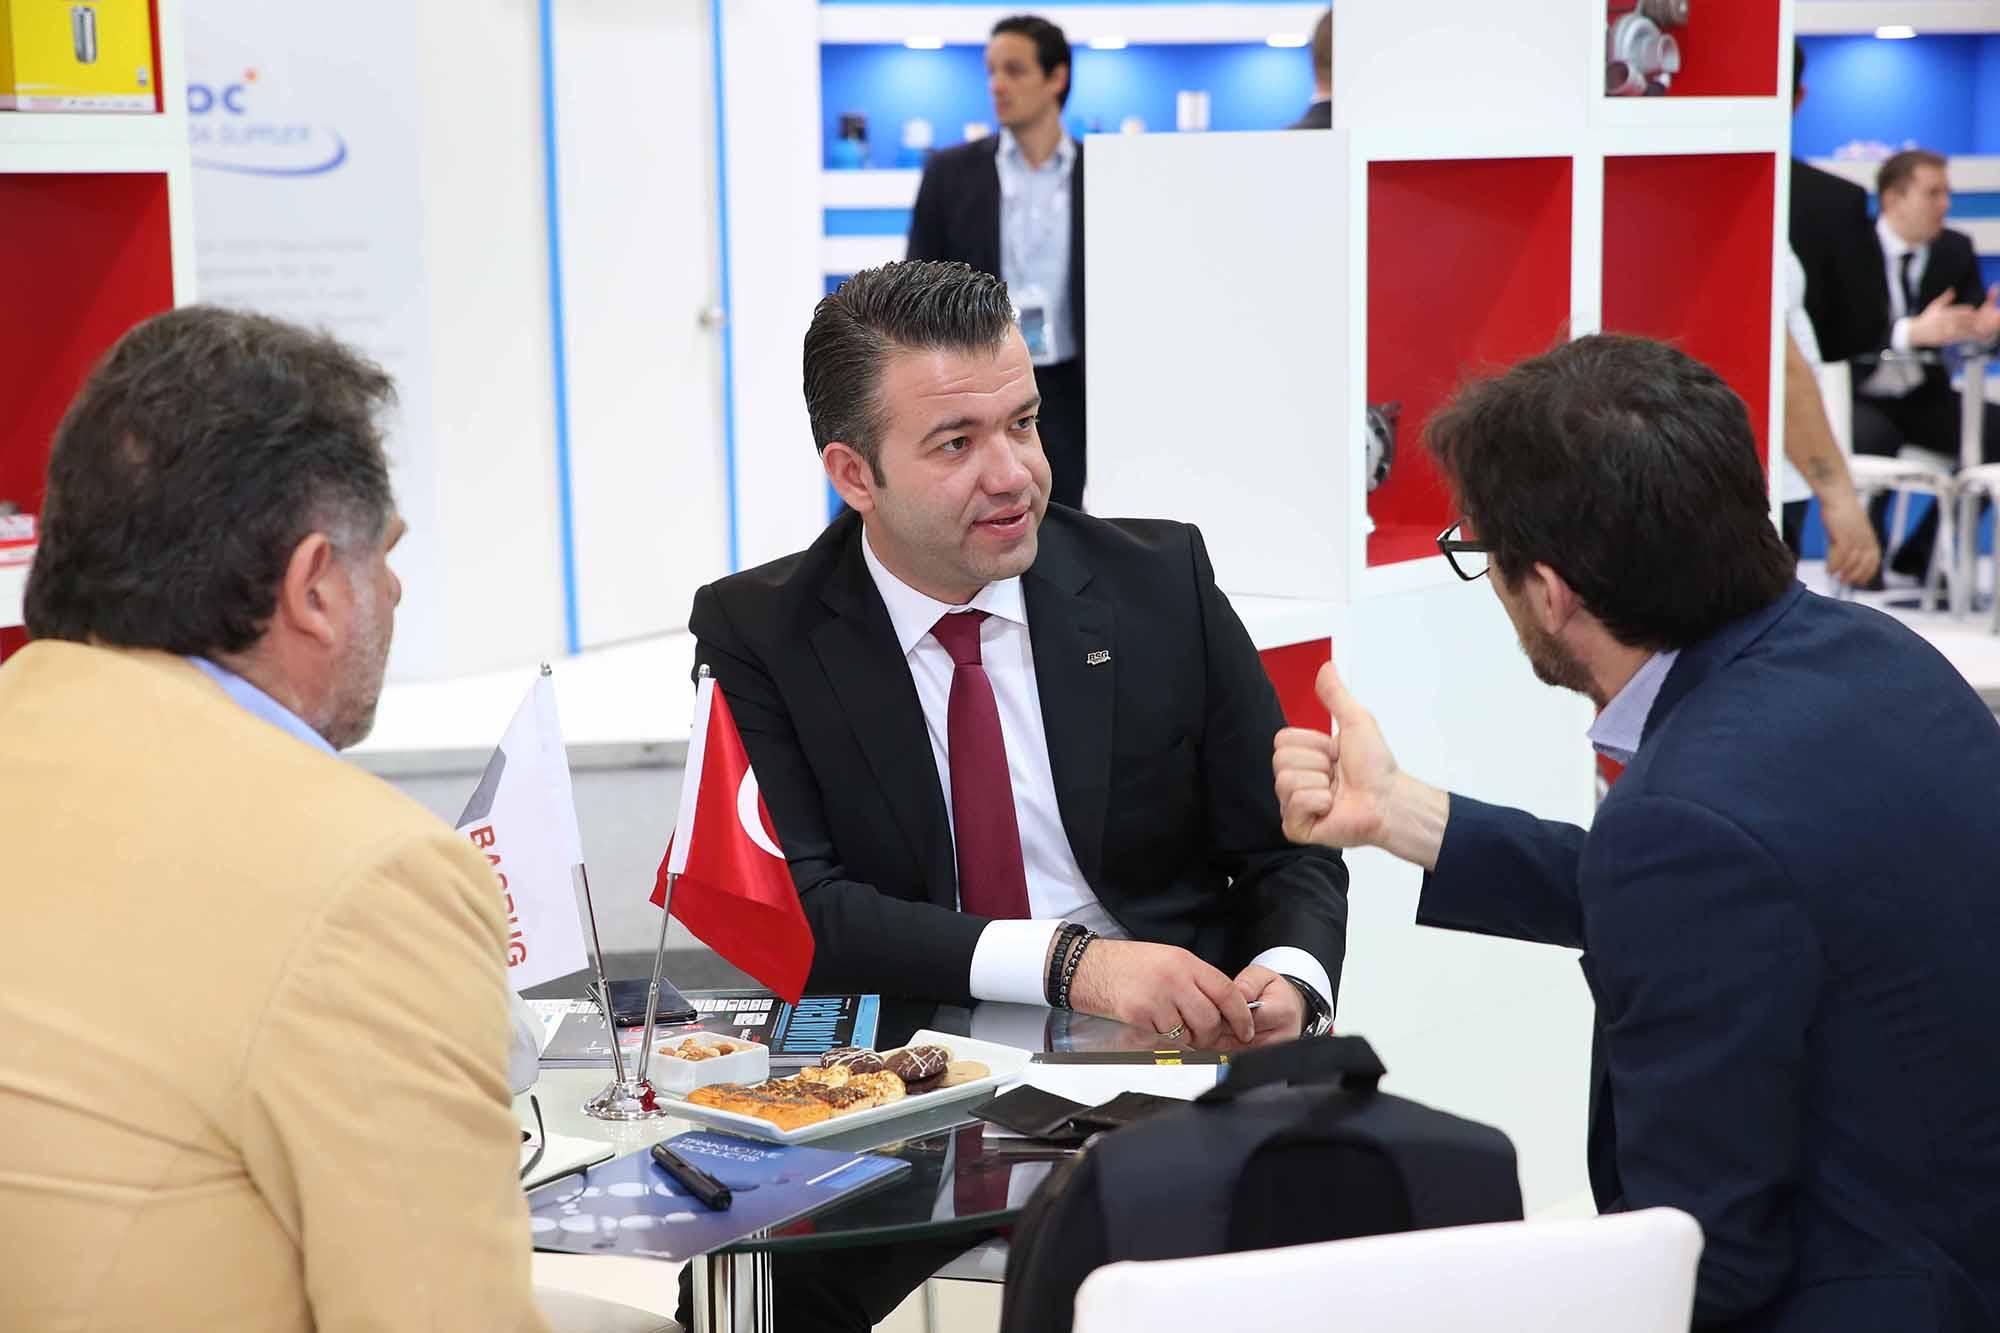 <p>BSG Auto Parts,Automechanika İstanbul 2018'i oldukça yüksek katılımla bitirdi. Gerek stant tasarımı, gerekse yapılan aktivitelerle katılımcıların odak noktalarından biri oldu. BSG Auto Parts markasına, Türkiye'den ve Dünyanın birçok ülkesinden katılımcılar büyük beğeni ve ilgi gösterdi.</p>  <p>13.000'den fazla ürün referansıyla, dünyanın 5 ülkesinden kaliteli ve güvenilir ürünlerini müşterileriyle buluşturan marka mevcut ve potansiyel iş ortaklarıyla; verimli ve etkili görüşmeler sağladı.</p>